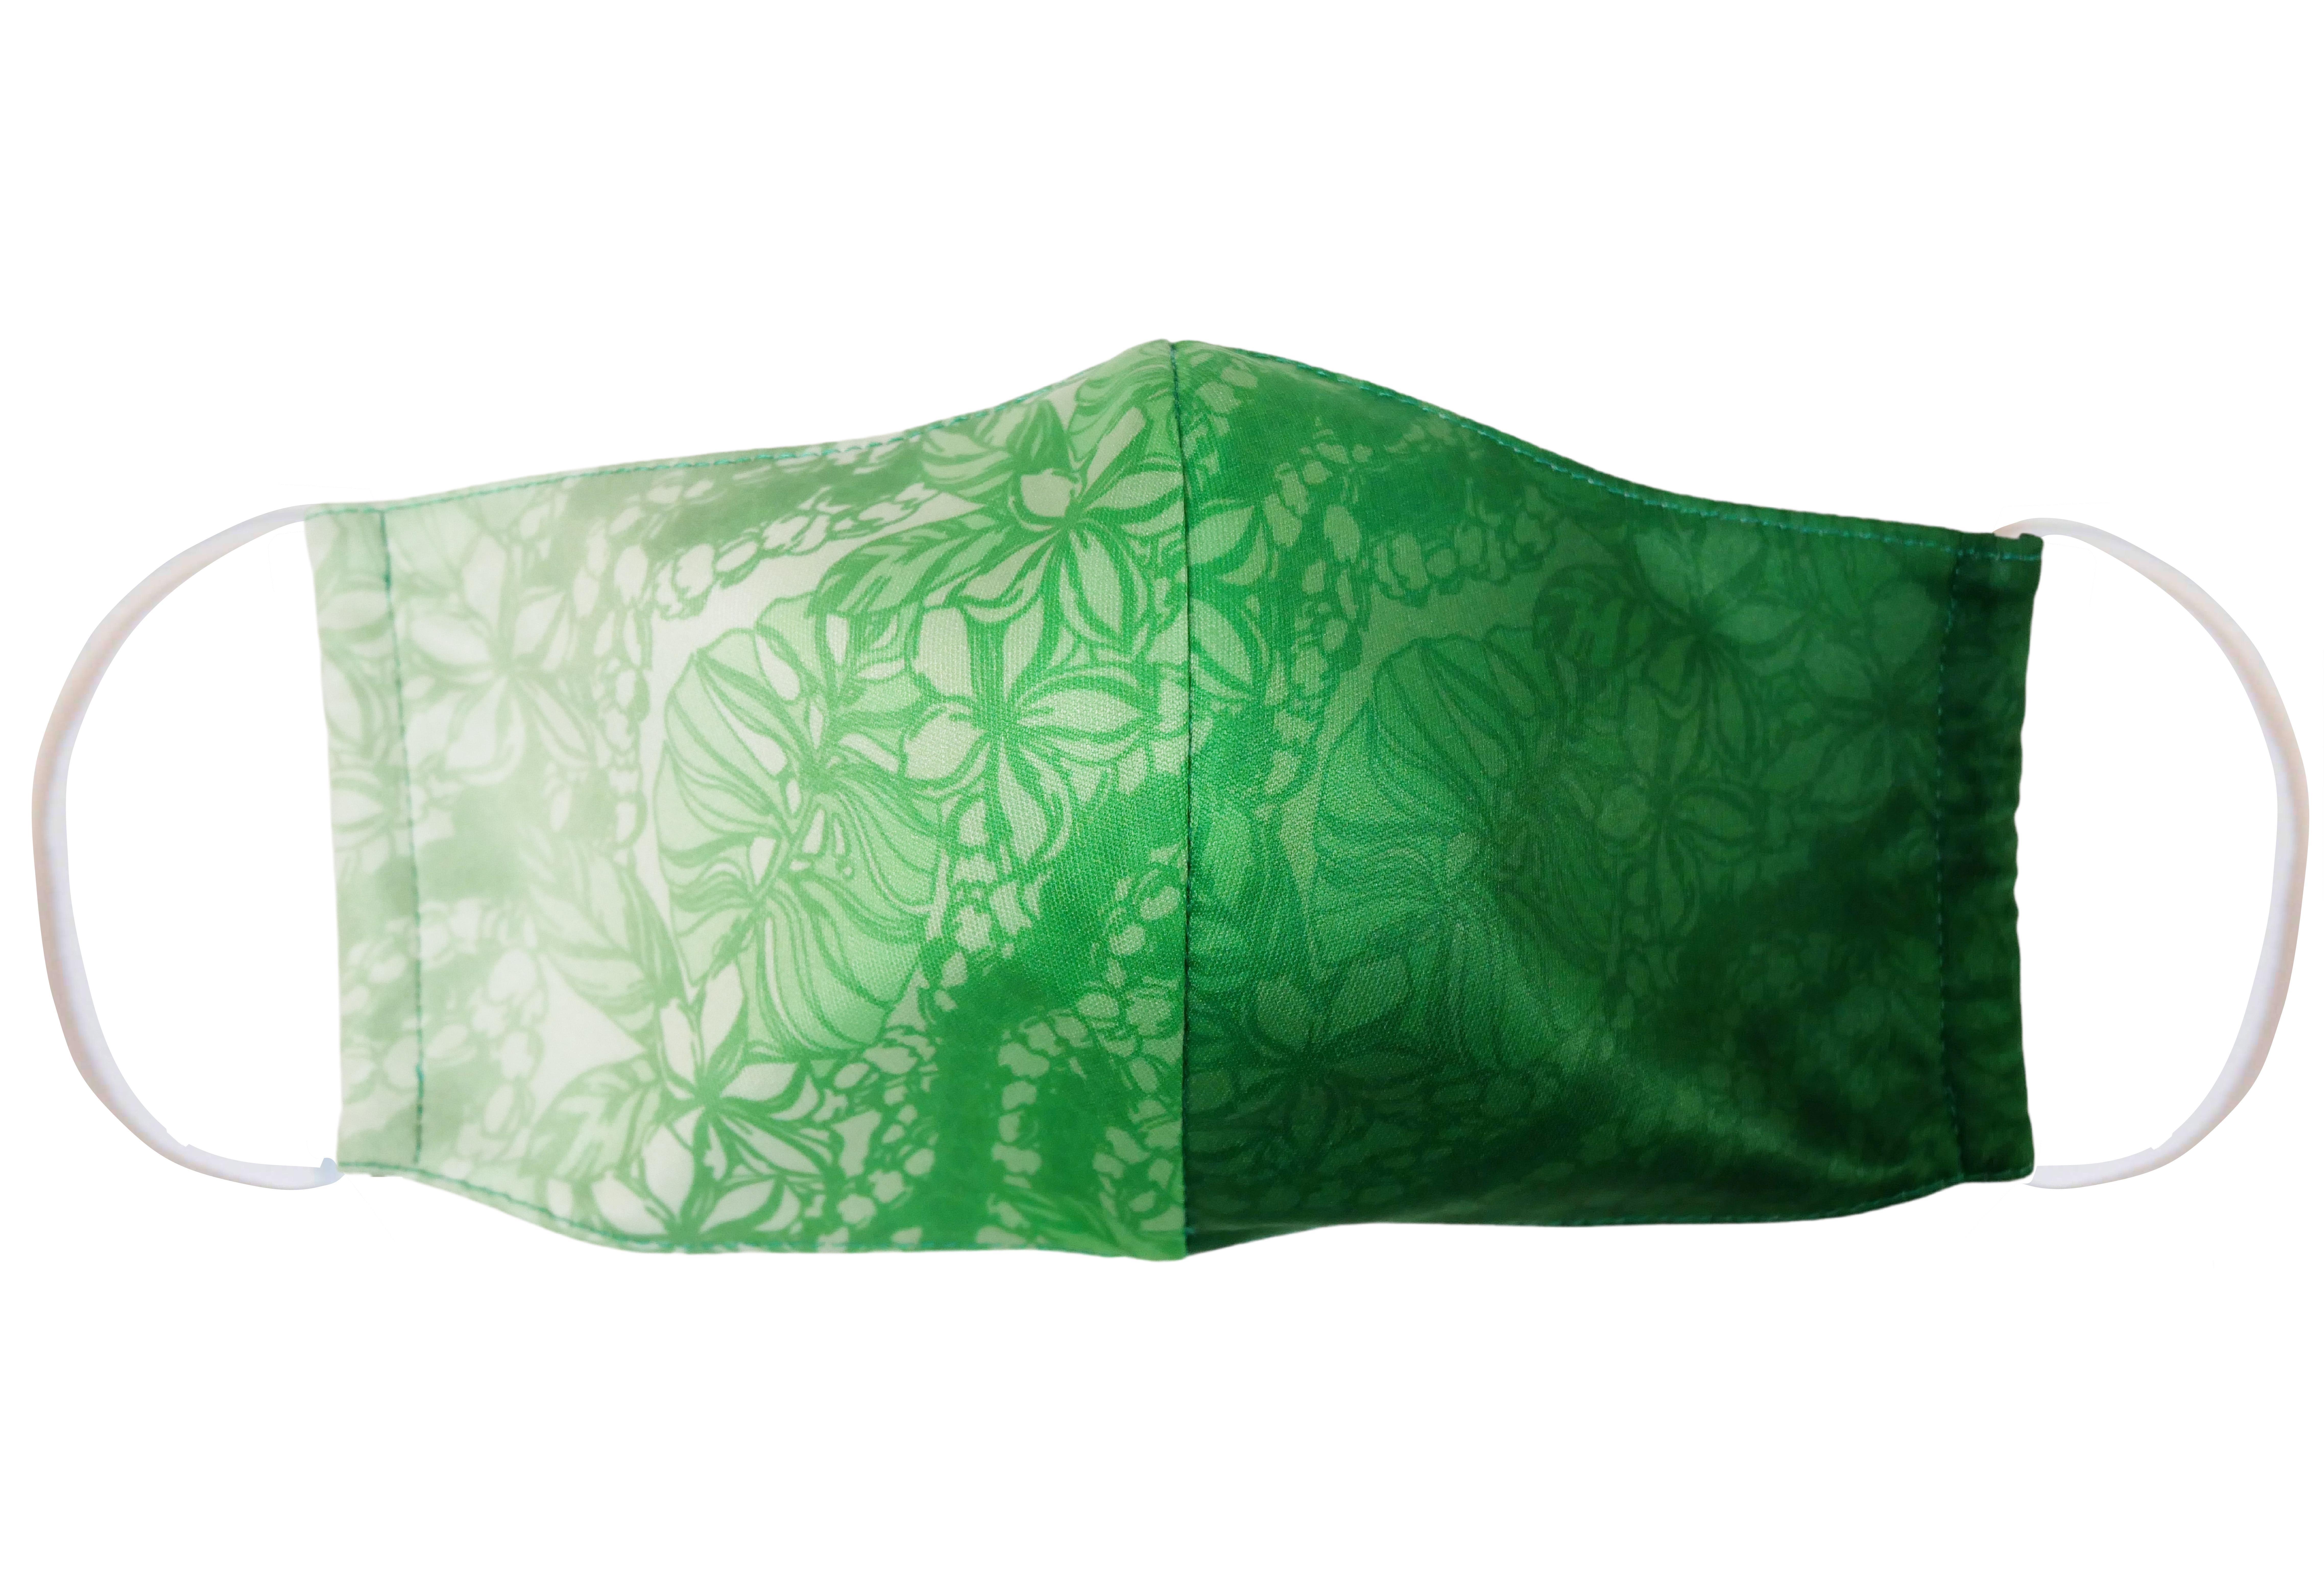 ファッション マスク ハワイアングラデーション グリーン  立体マスク